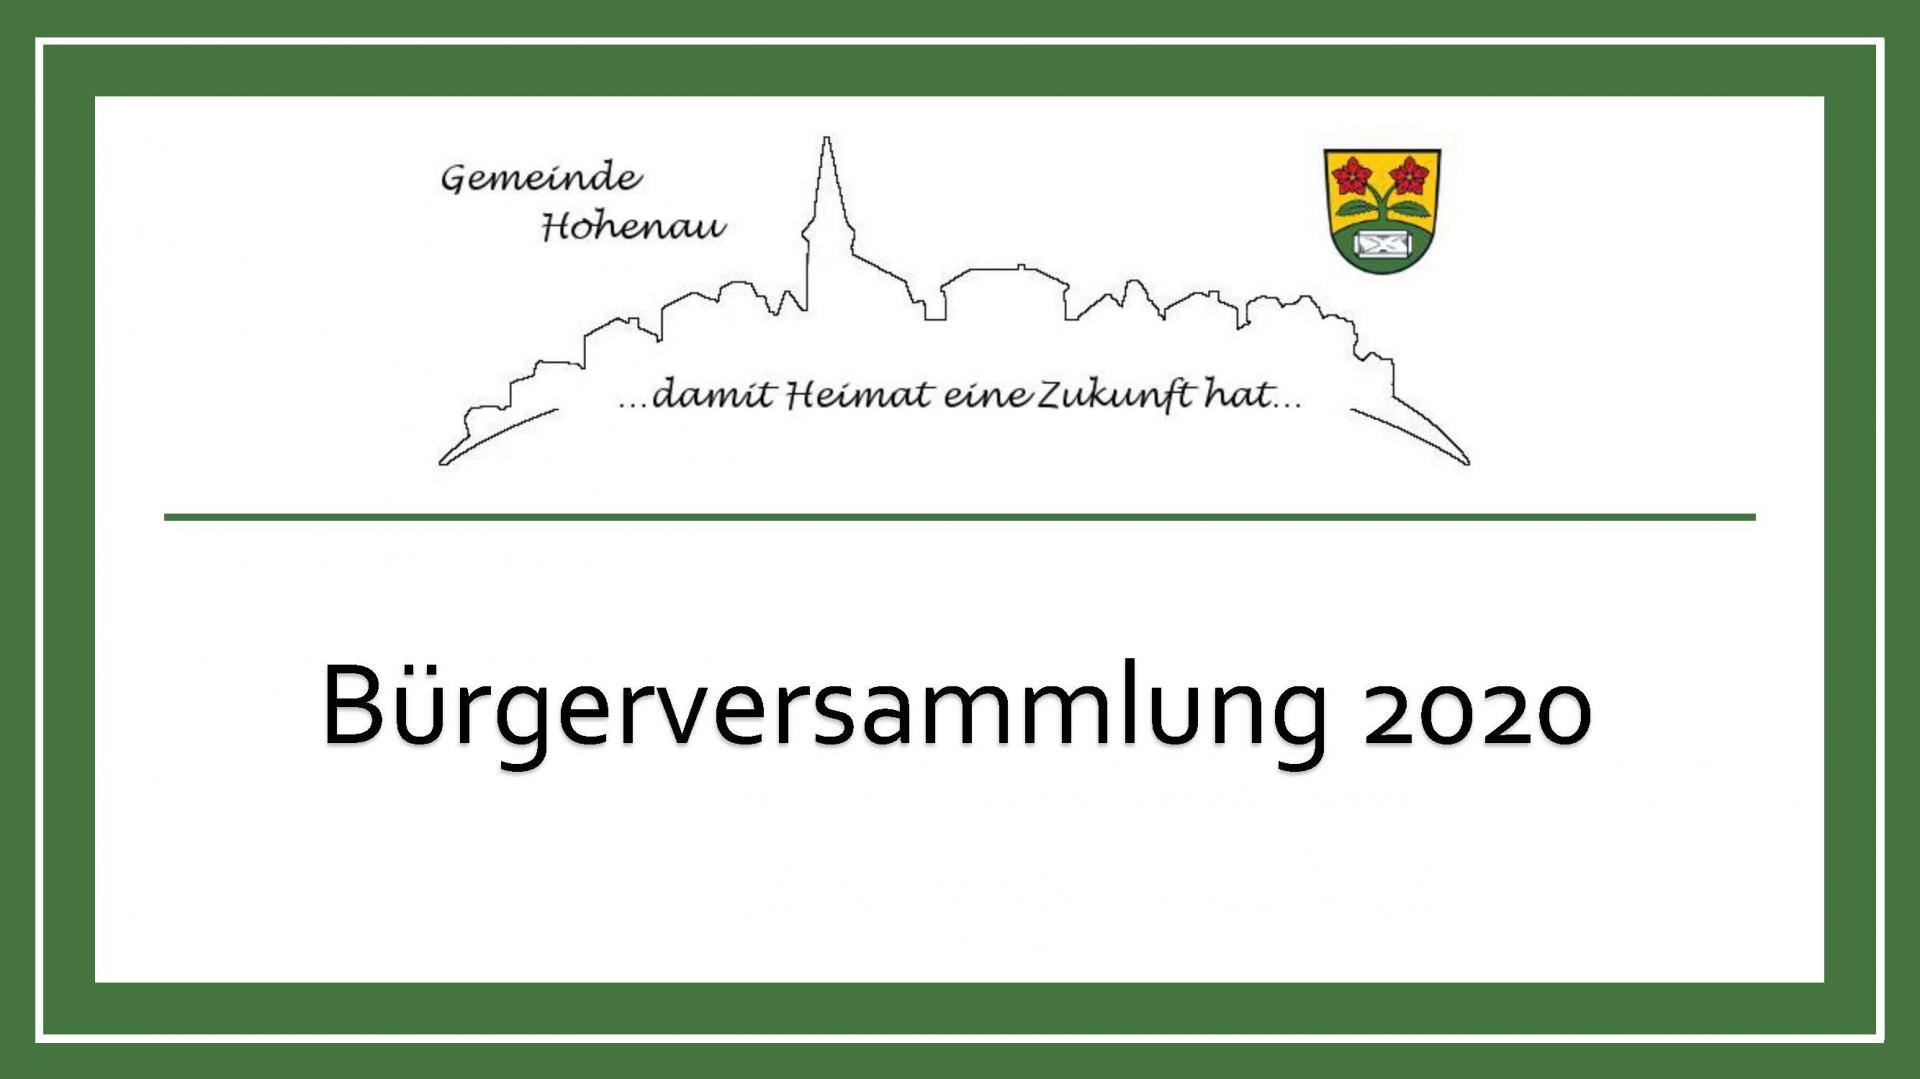 Bürgerversammlung 2020